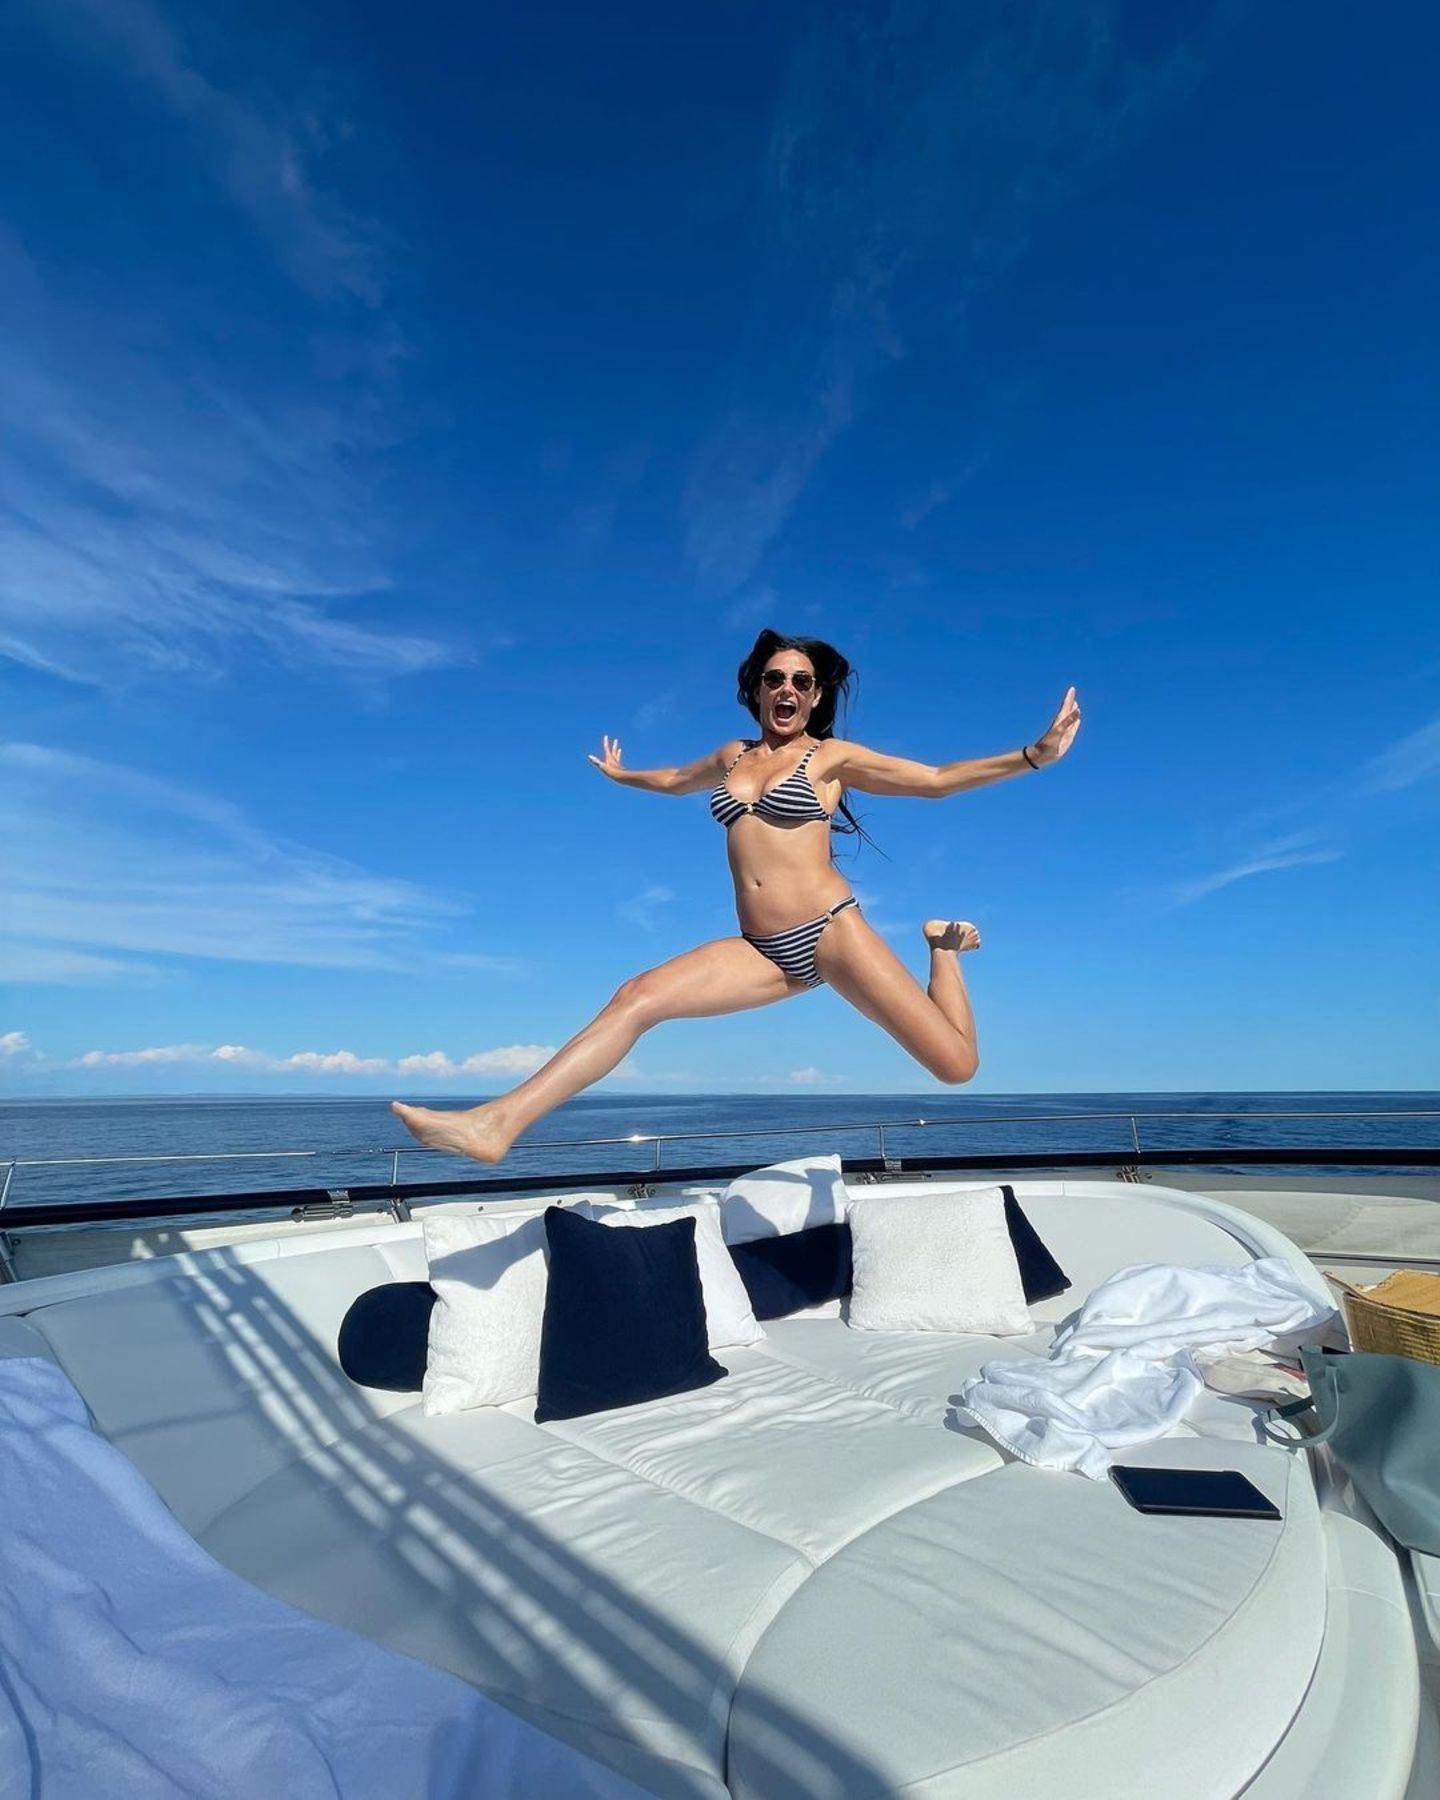 """Demi Moore scheint das Leben in vollen Zügen zu genießen. Auf einer Jacht mit XXL-Lounge wagt sie einen Luftsprung, zeigt dabei ihre Endlos-Beine und ihren durchtrainierten Körper. Dazu schreibt die 58-Jährige: """"Ein letzter Freudensprung vor dem Sprung in den Herbst""""."""